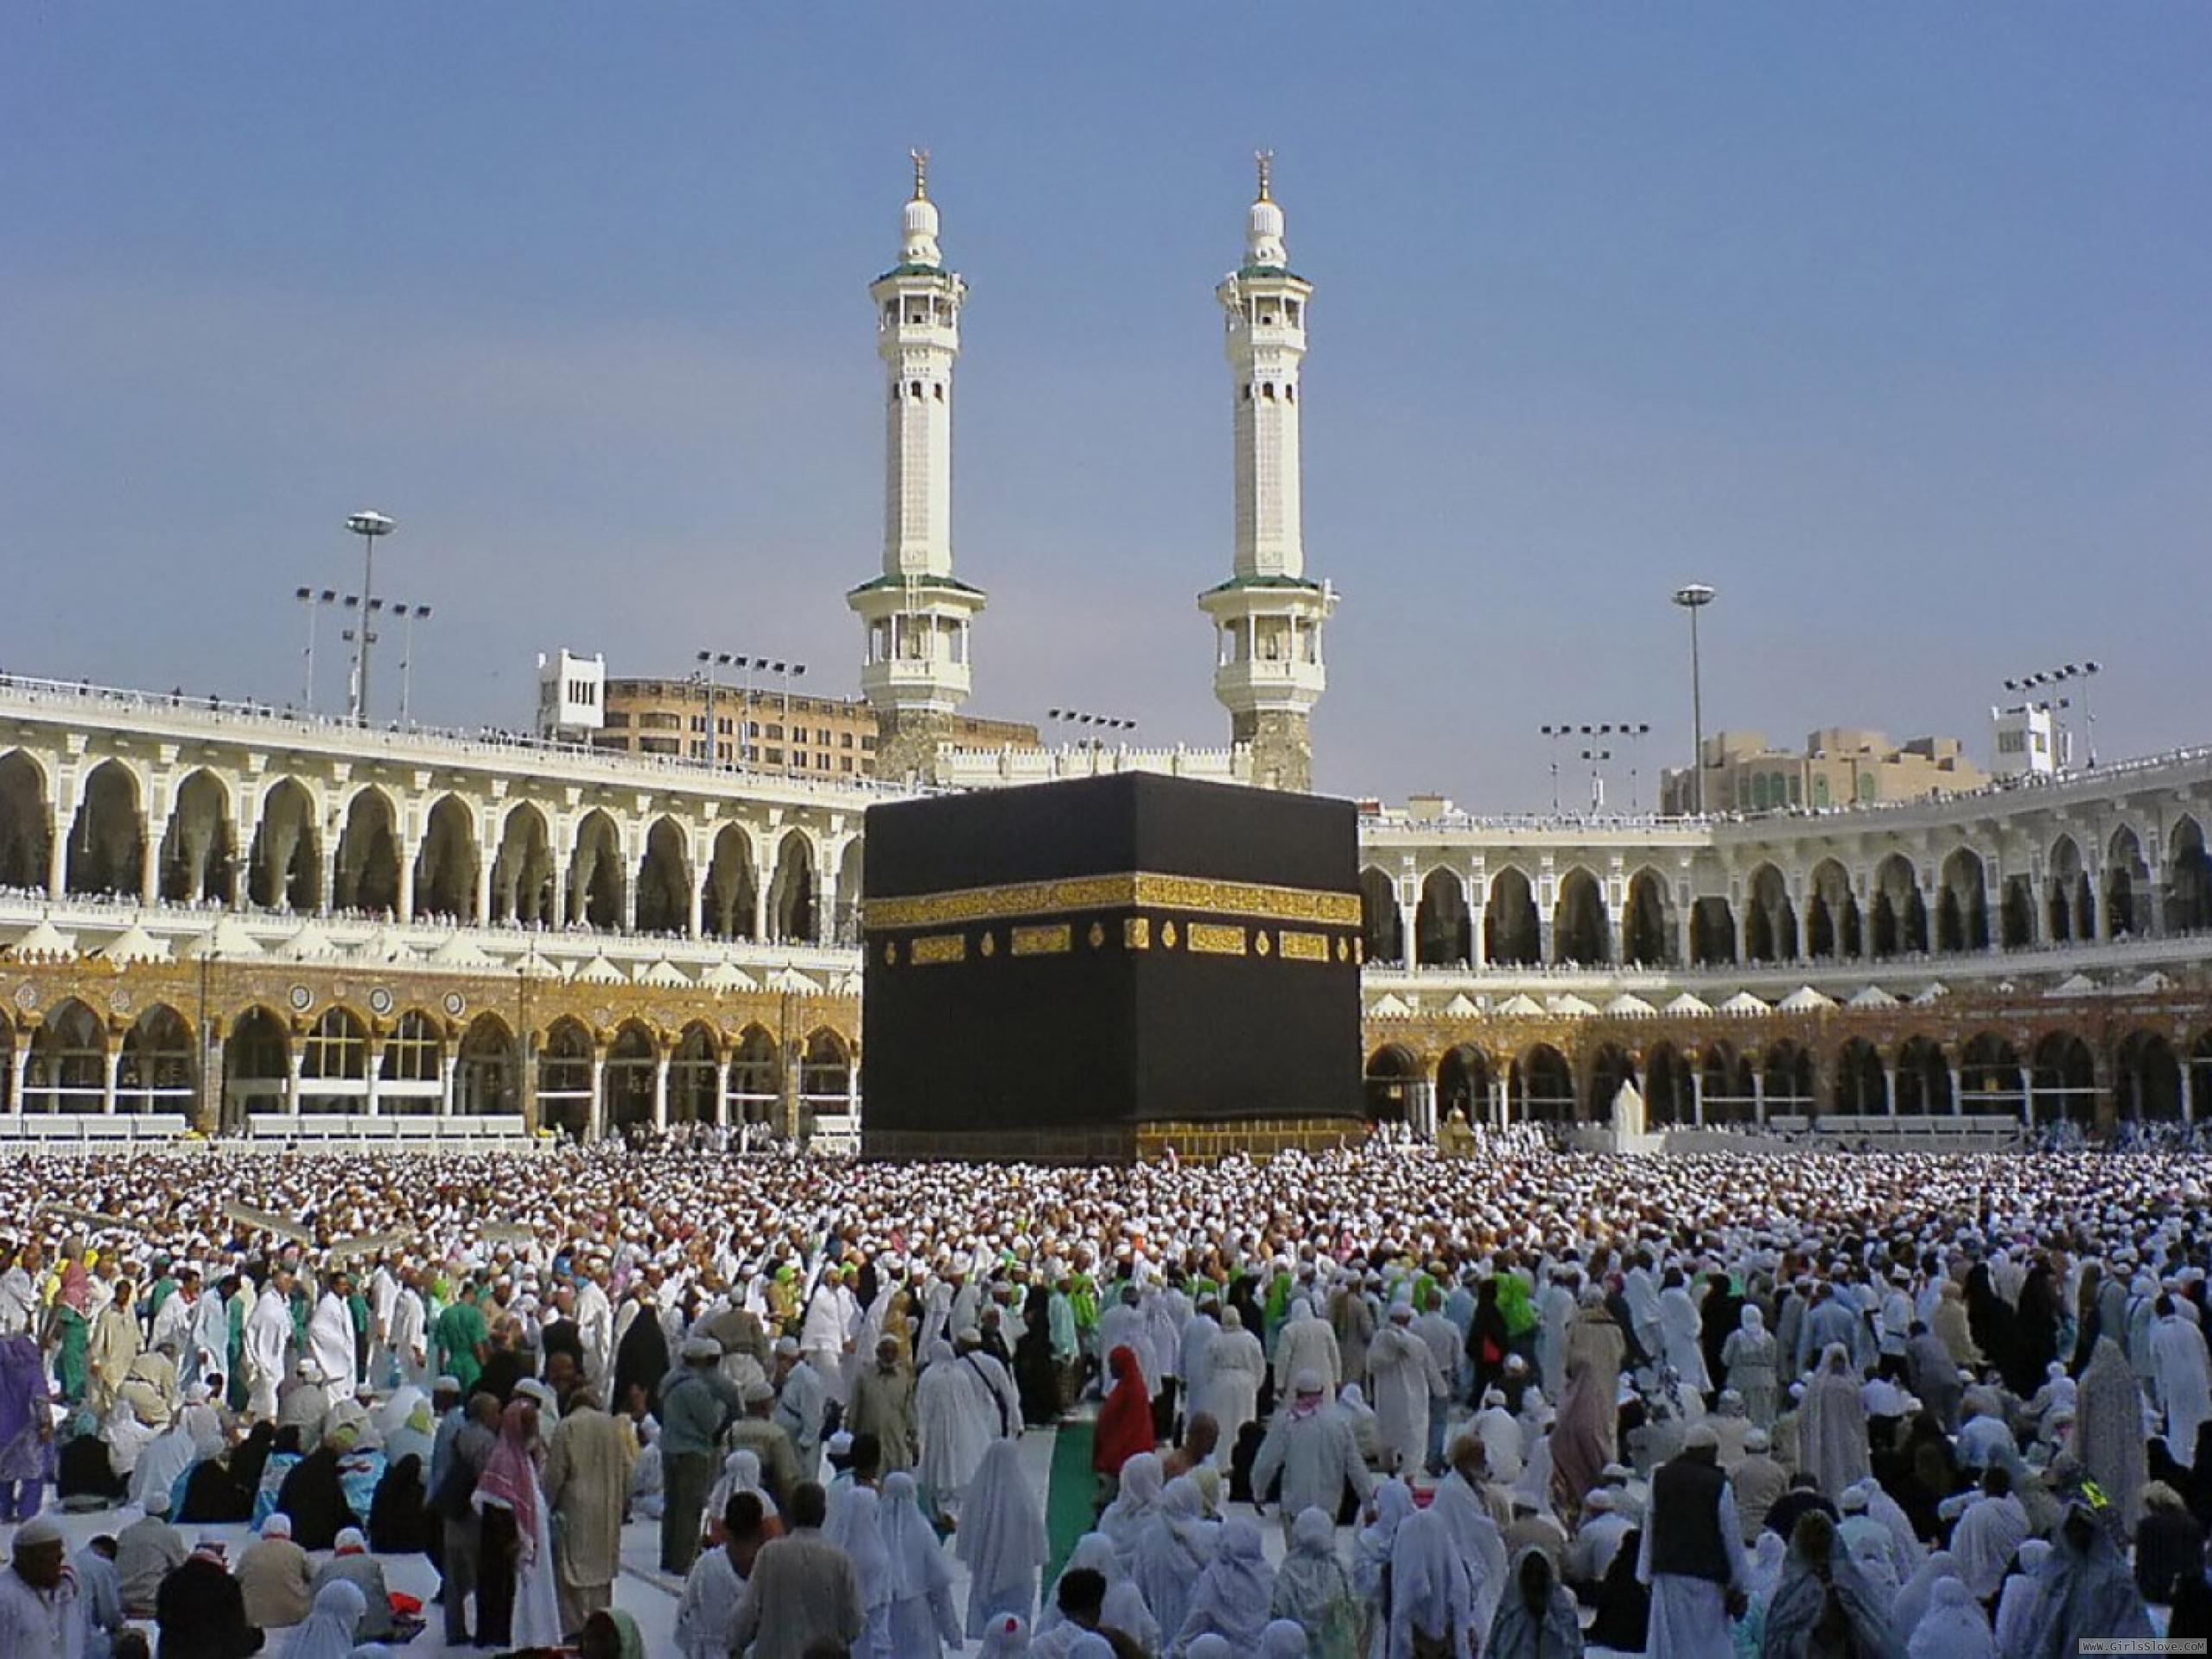 بالصور بيت الله الحرام , اعظم مسجد في الاسلام 3684 2